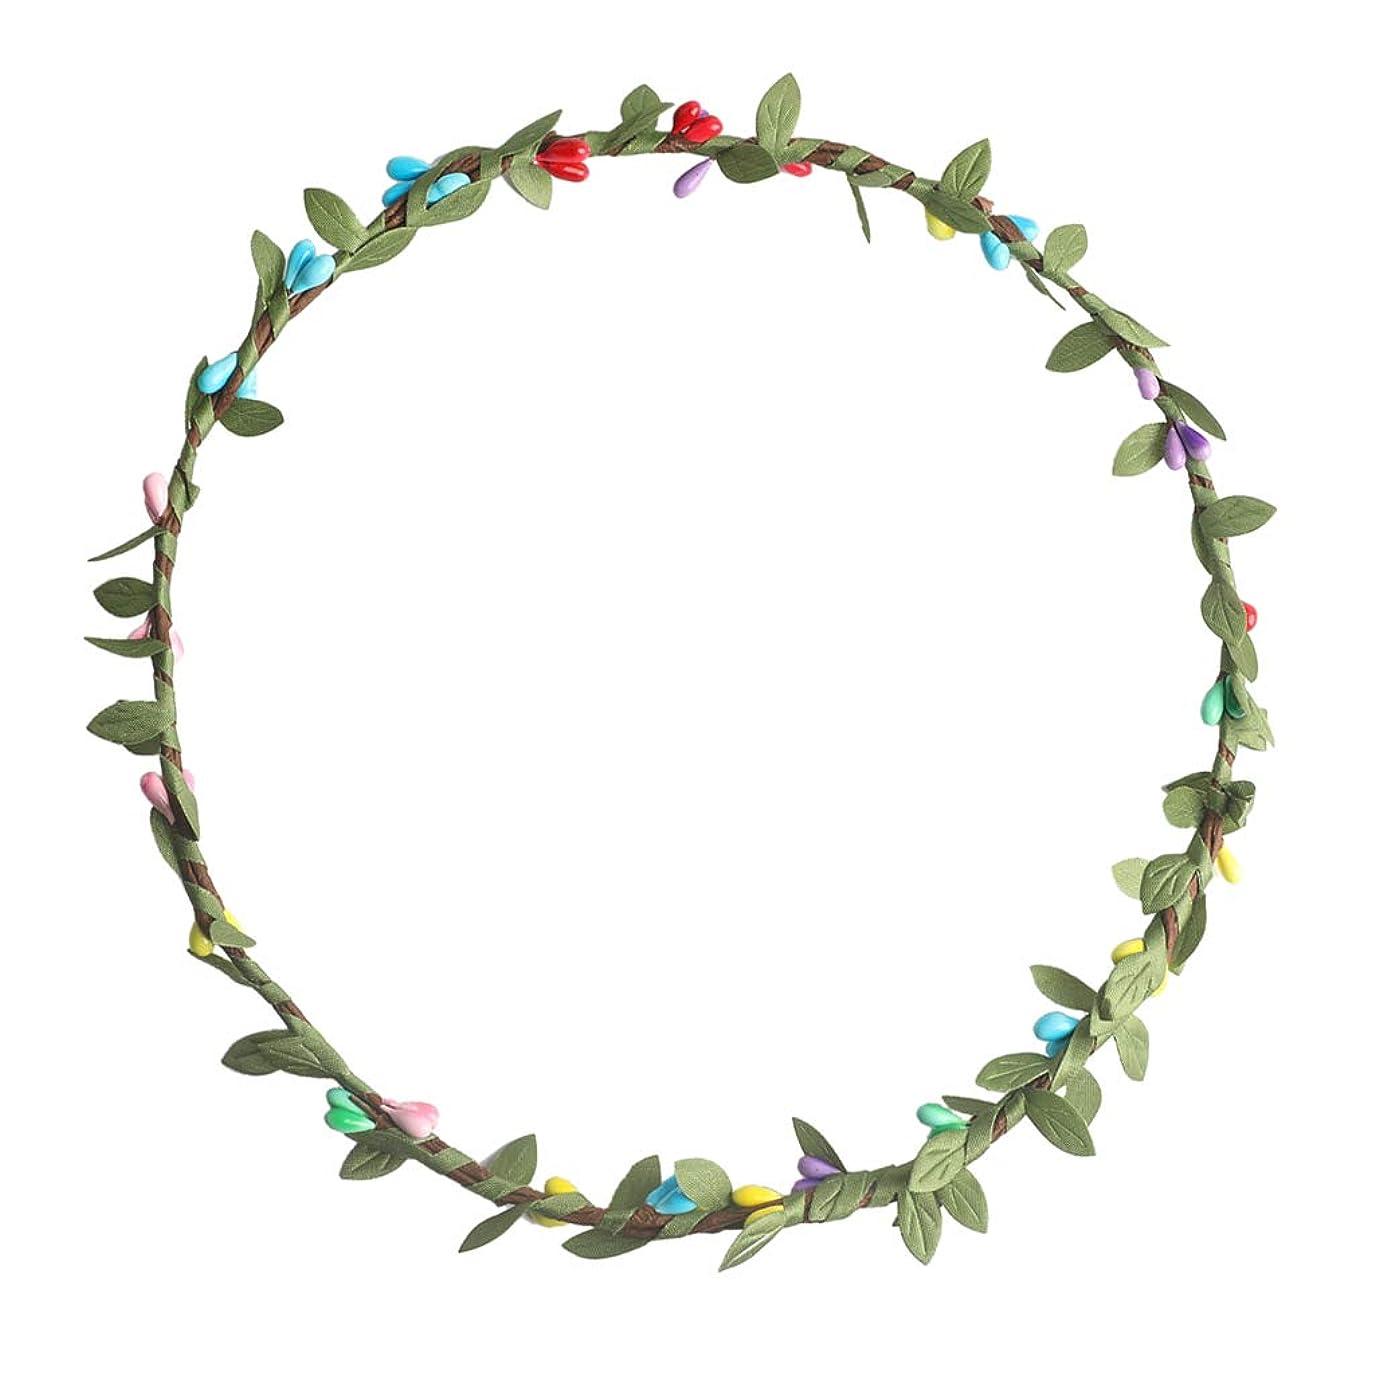 宿命症状本気FLAMEER ボヘミアン 花の葉 ガーランド ビーチ花輪 花冠 ヘアアクセサリー 写真撮影小道具 多色選べ - マルチ